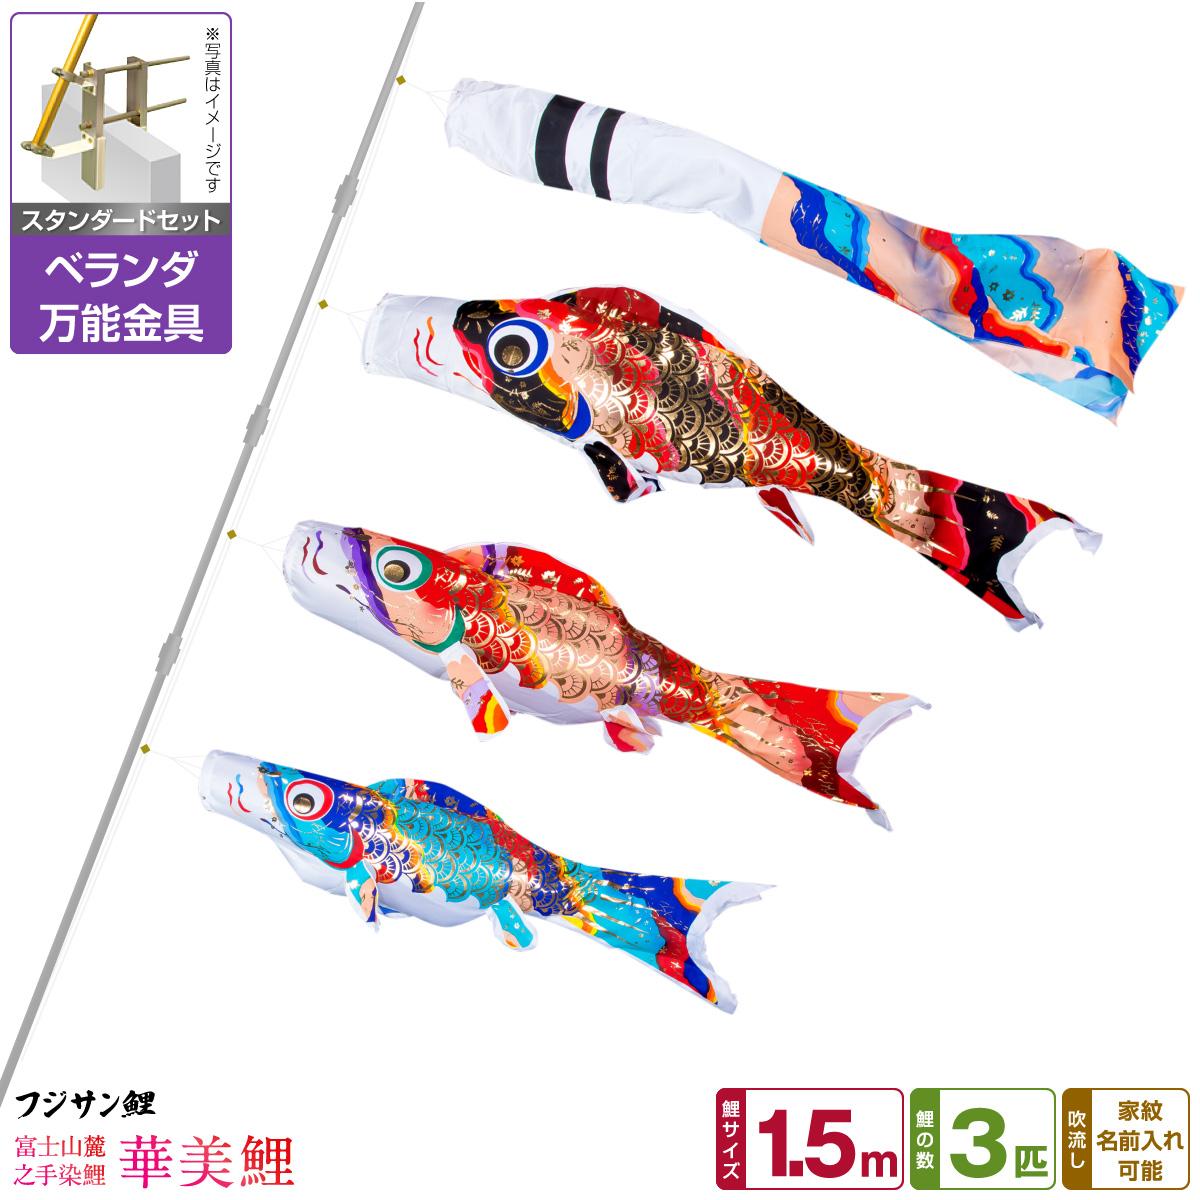 ベランダ用 こいのぼり 鯉のぼり フジサン鯉 華美鯉 1.5m 6点(吹流し+鯉3匹+矢車+ロープ)/スタンダードセット(万能取付金具)